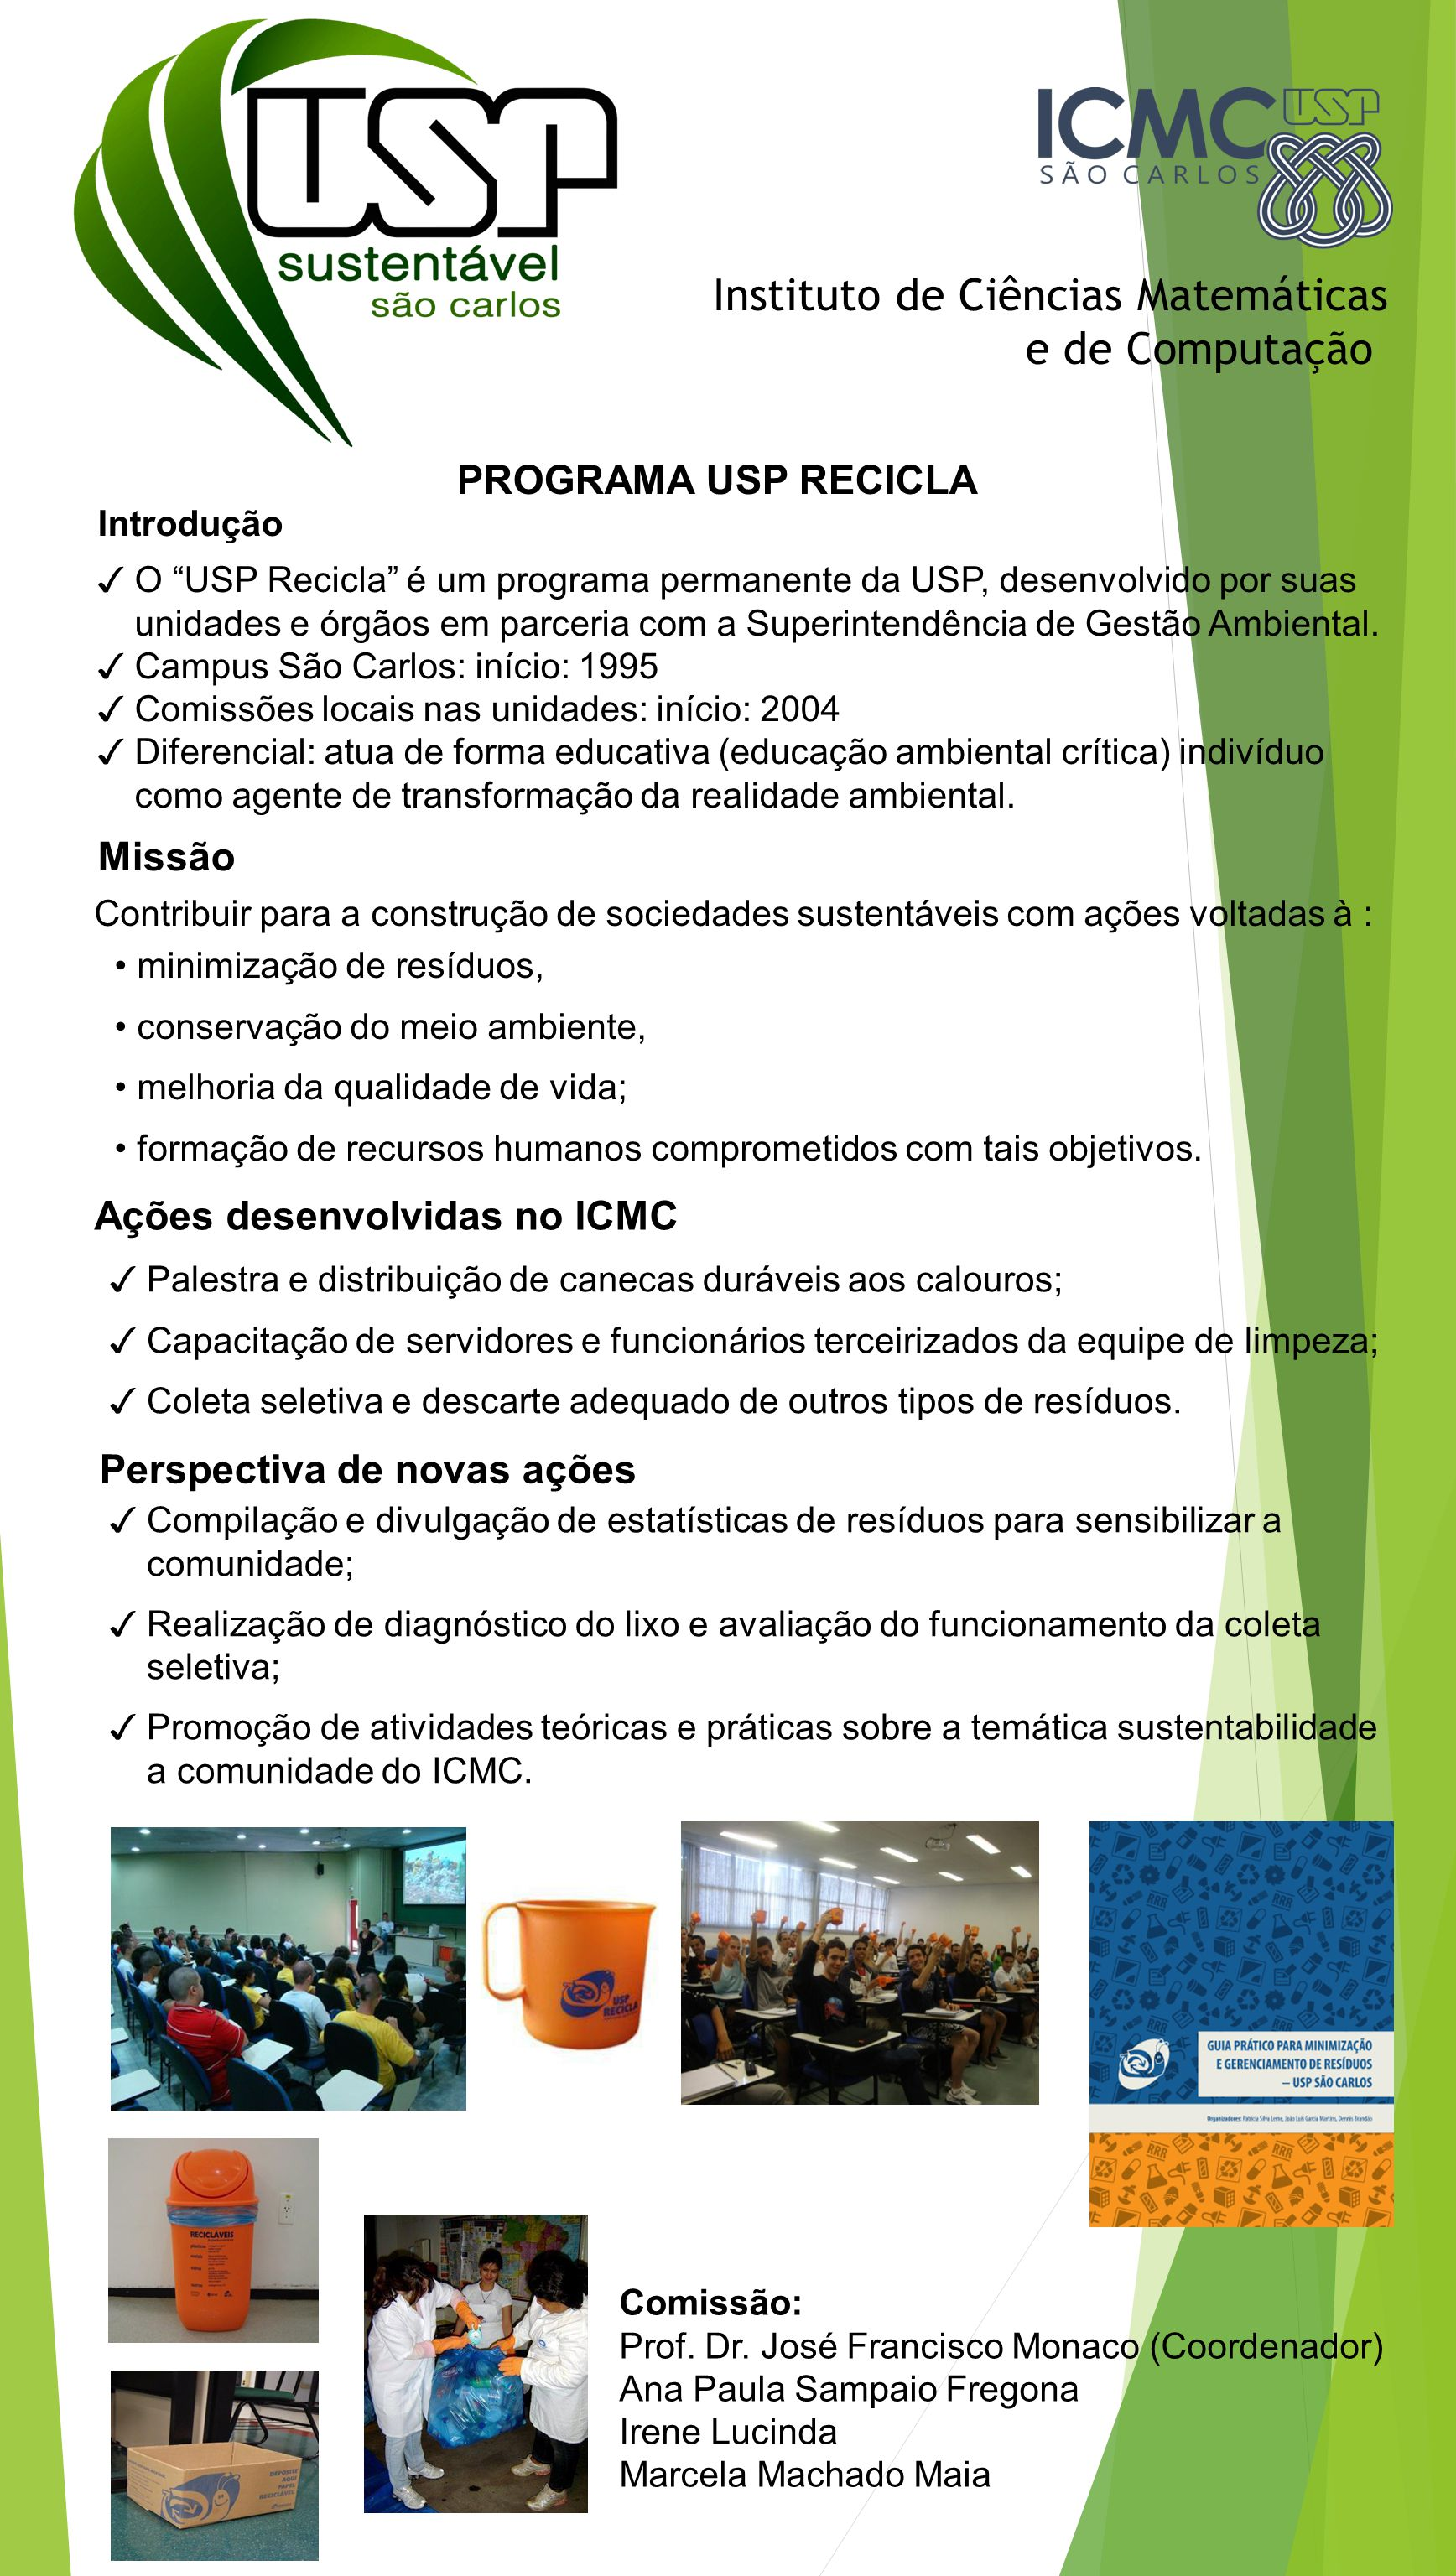 Instituto de Ciências Matemáticas e de Computação PROGRAMA USP RECICLA Comissão: Prof. Dr. José Francisco Monaco (Coordenador) Ana Paula Sampaio Frego